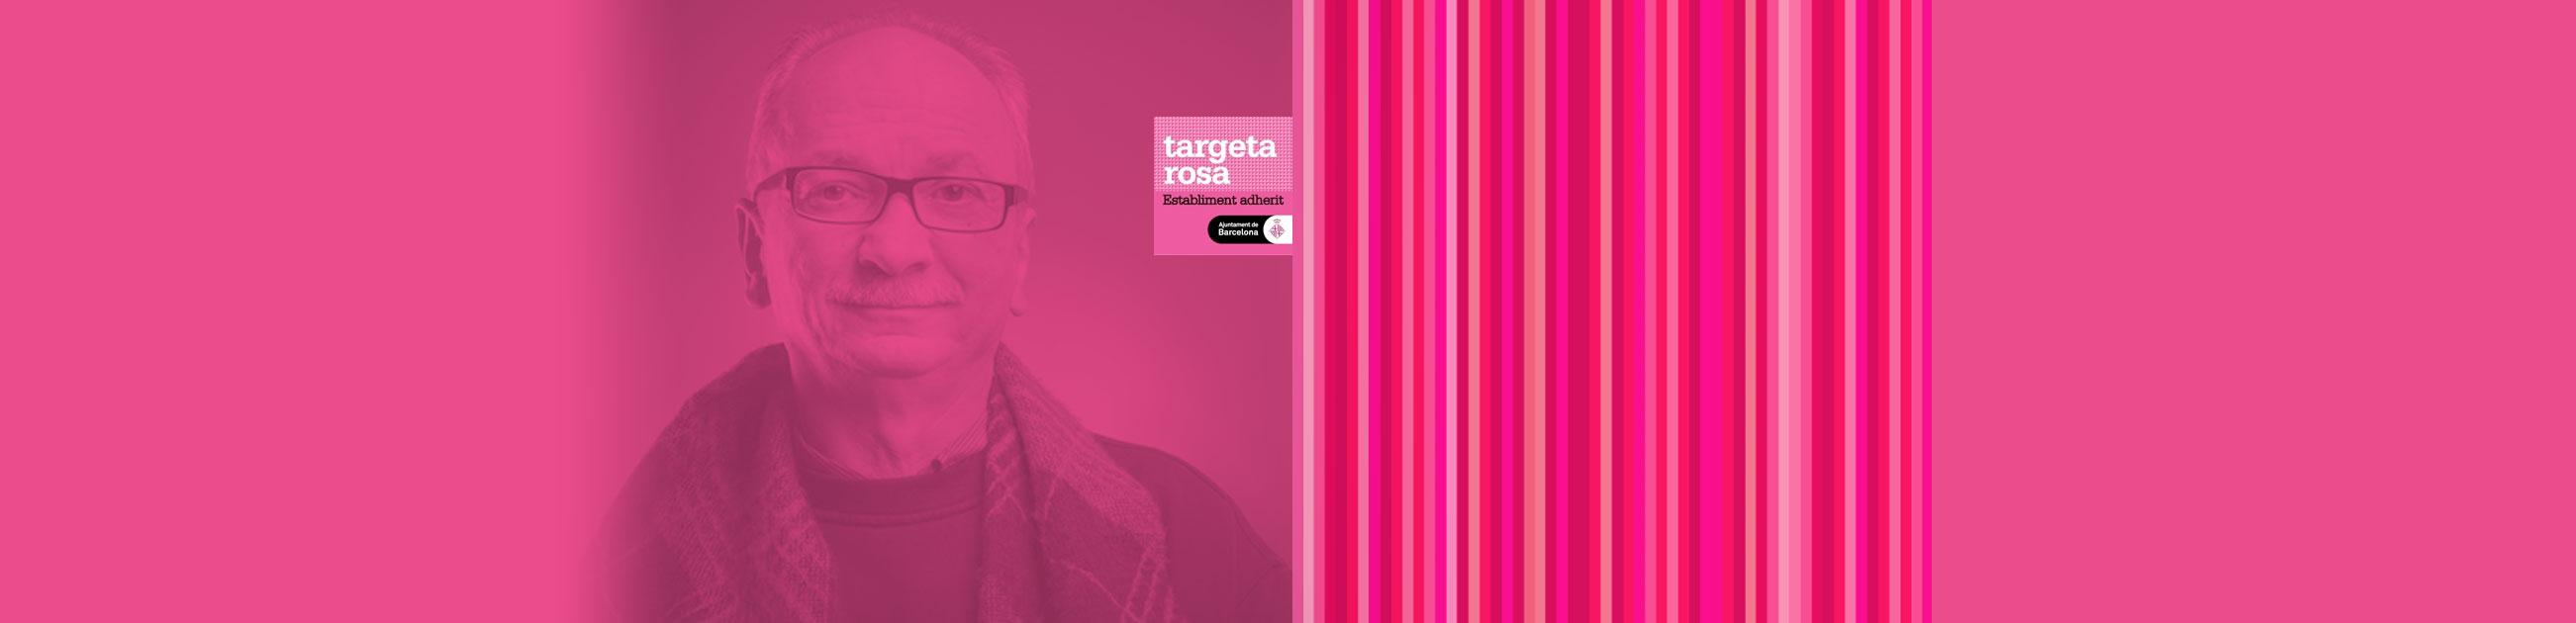 Targeta Rosa Ajuntament de Barcelona